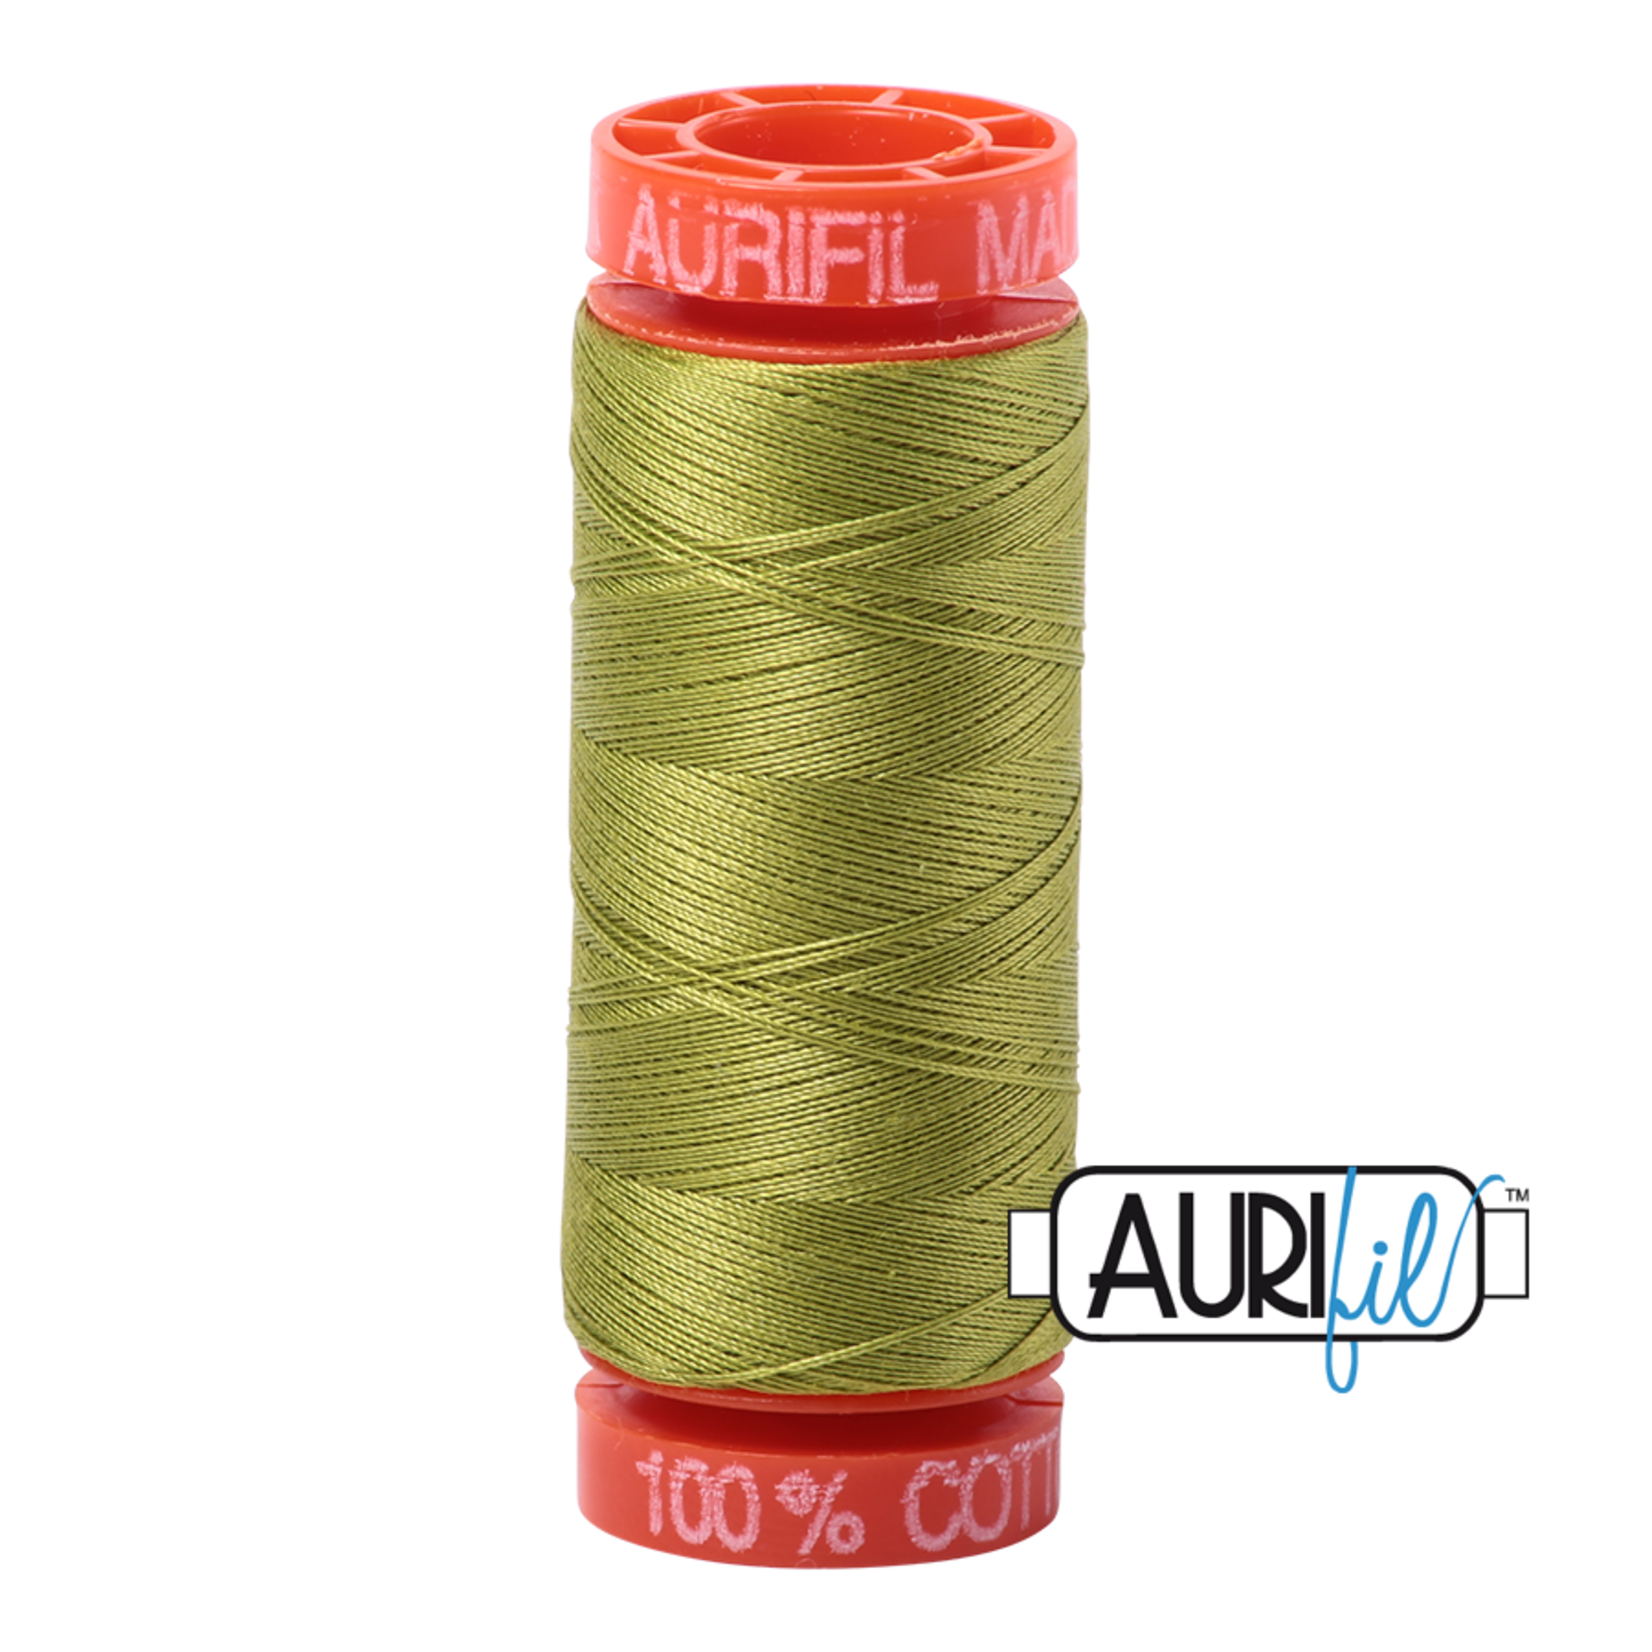 AURIFIL AURIFIL 50 WT Light Leaf Green 1147 Small Spool